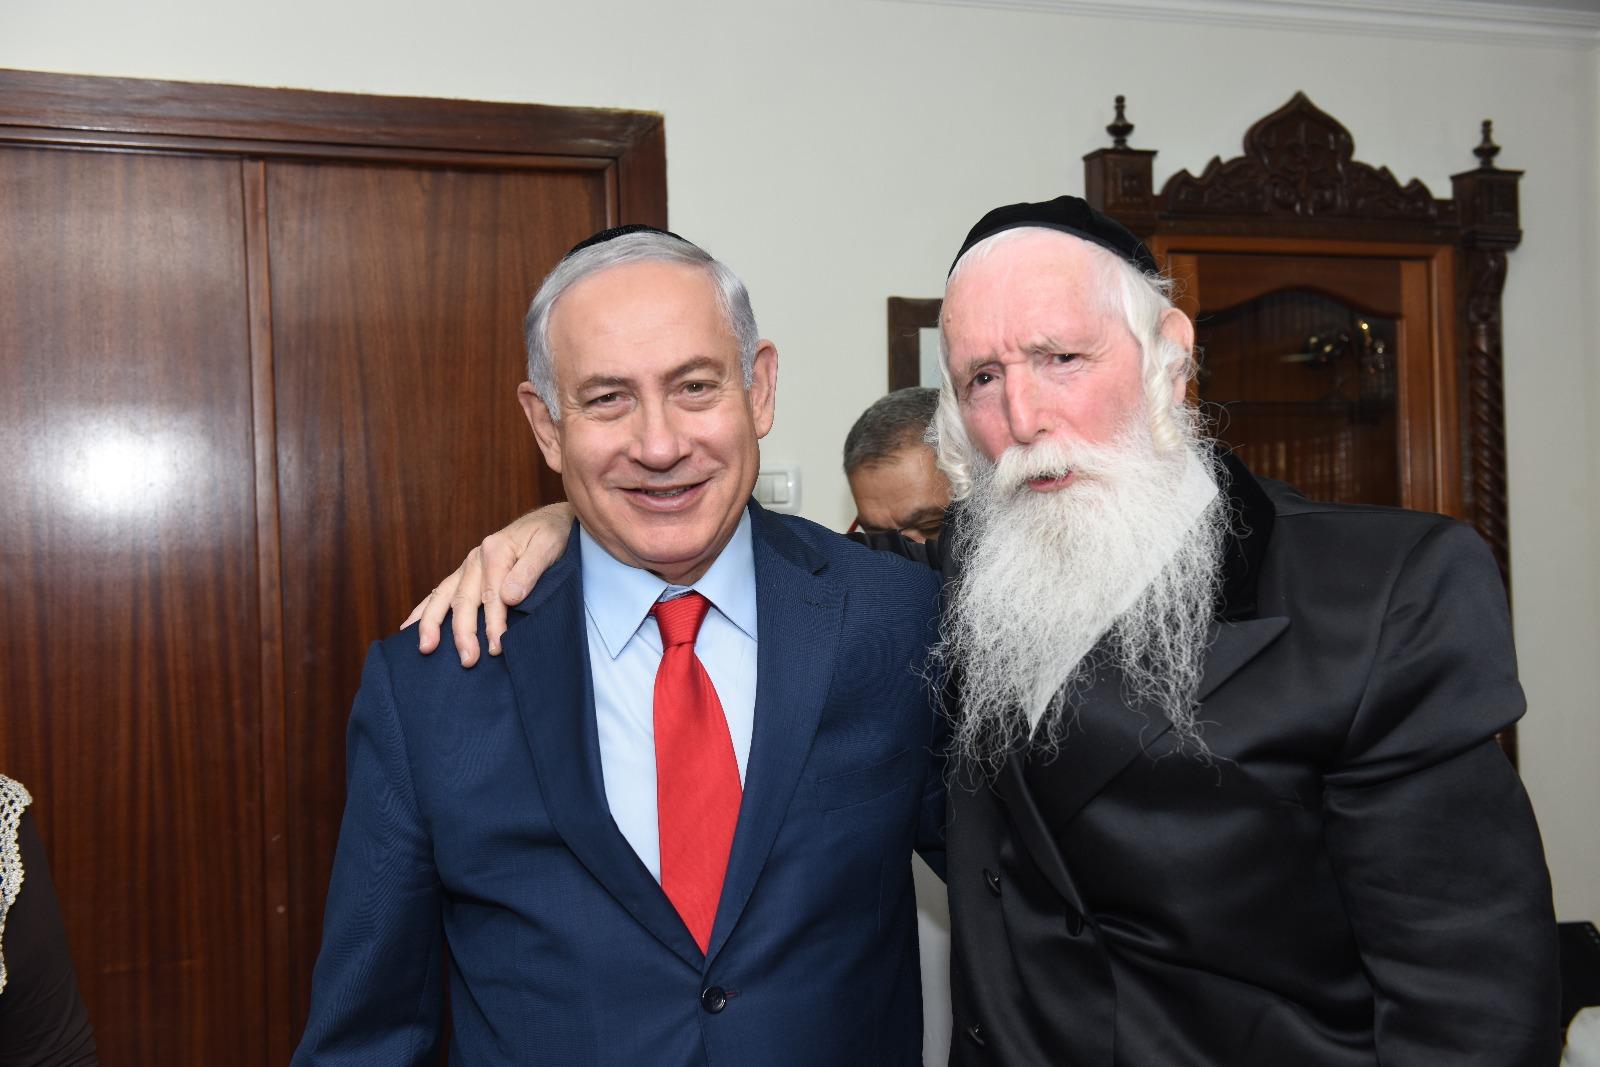 ביקור ונשיקה: נתניהו וכחלון בביקור חולים אצל הרב גרוסמן